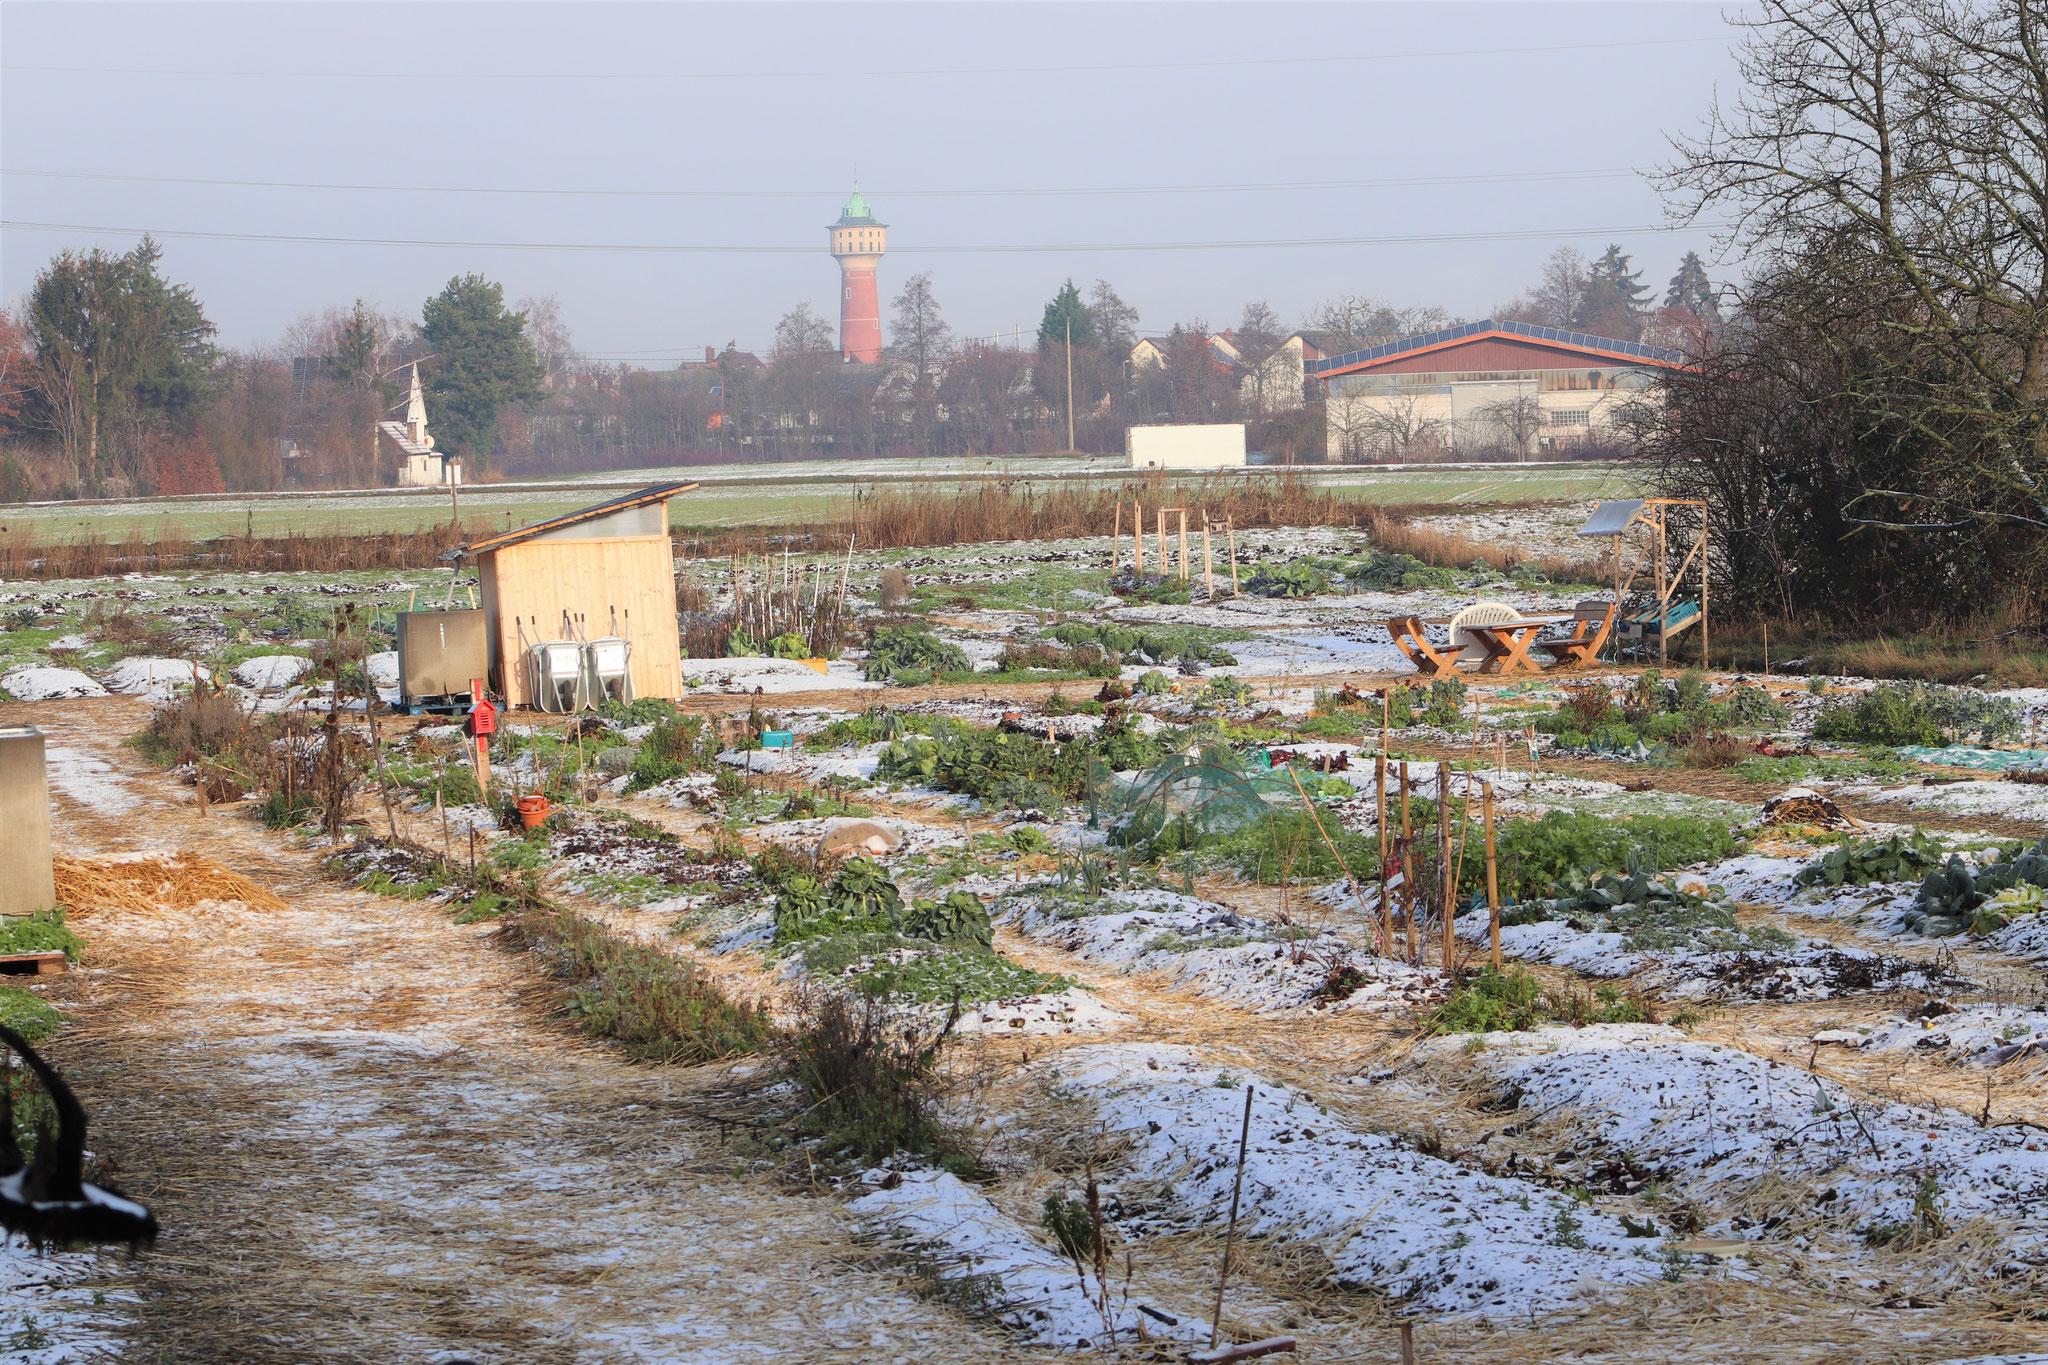 Der Gemeinschaftsacker ist auch im Winter ein schöner Ort